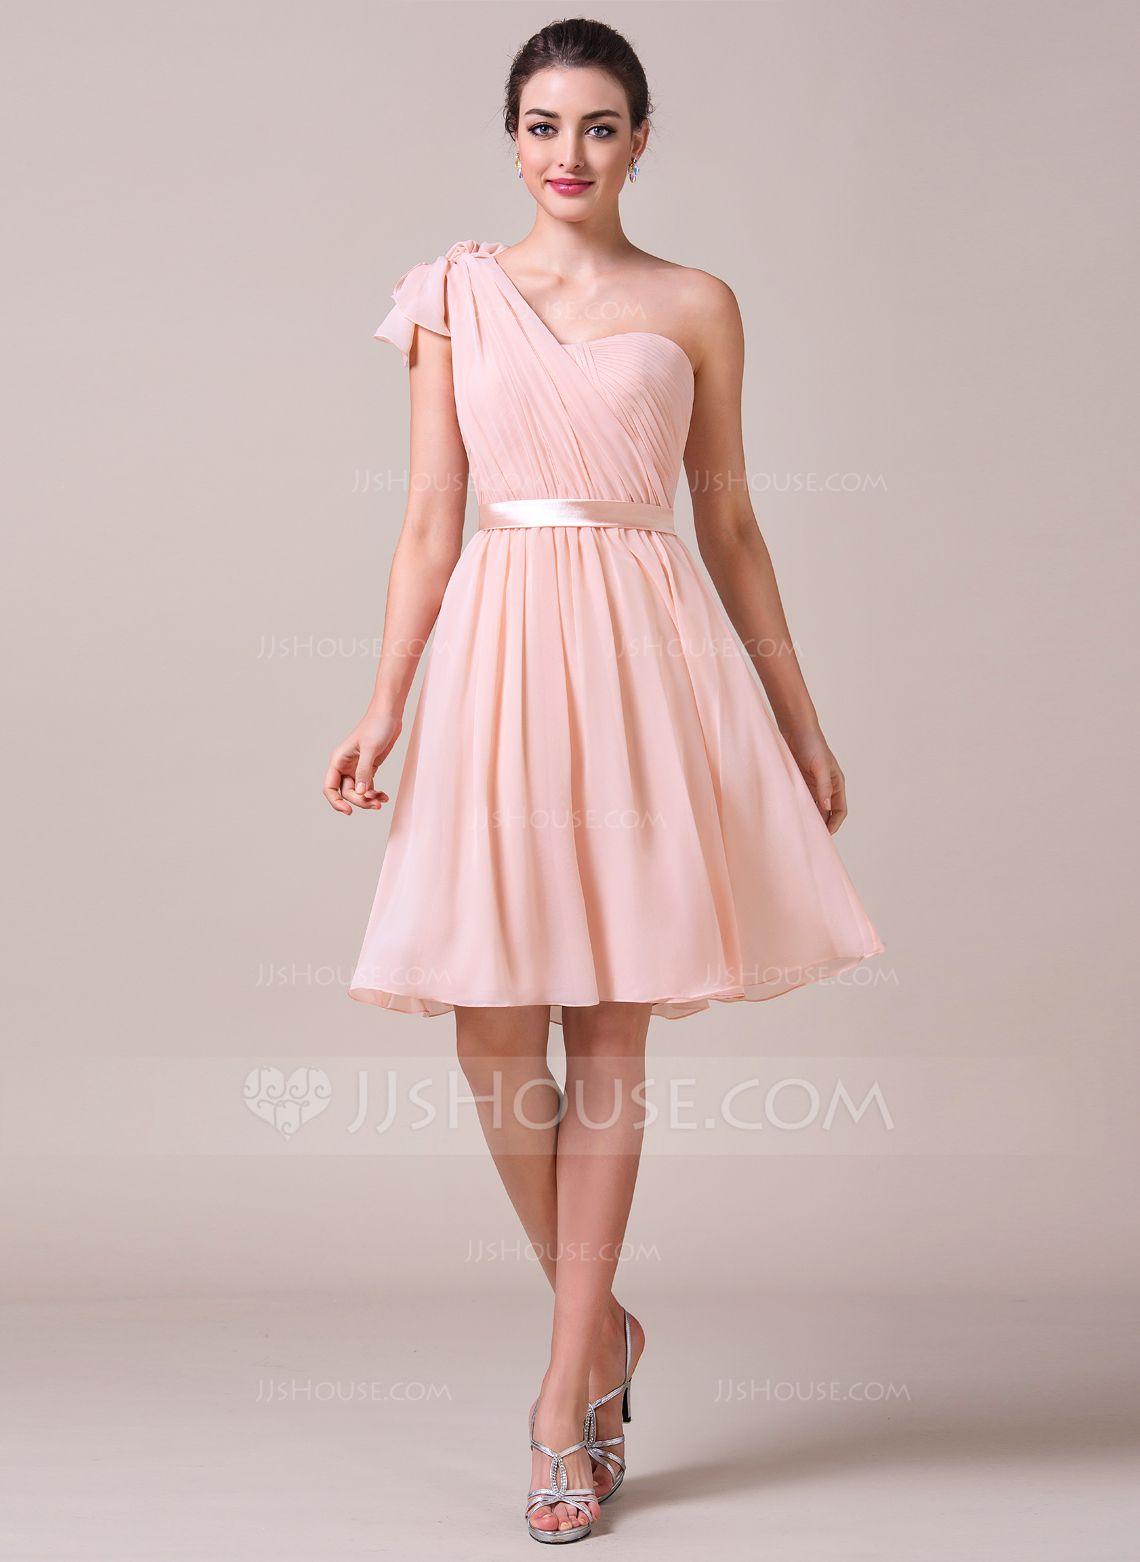 Asombroso Vestido De La Dama De Honor Jjshouse Colección de Imágenes ...